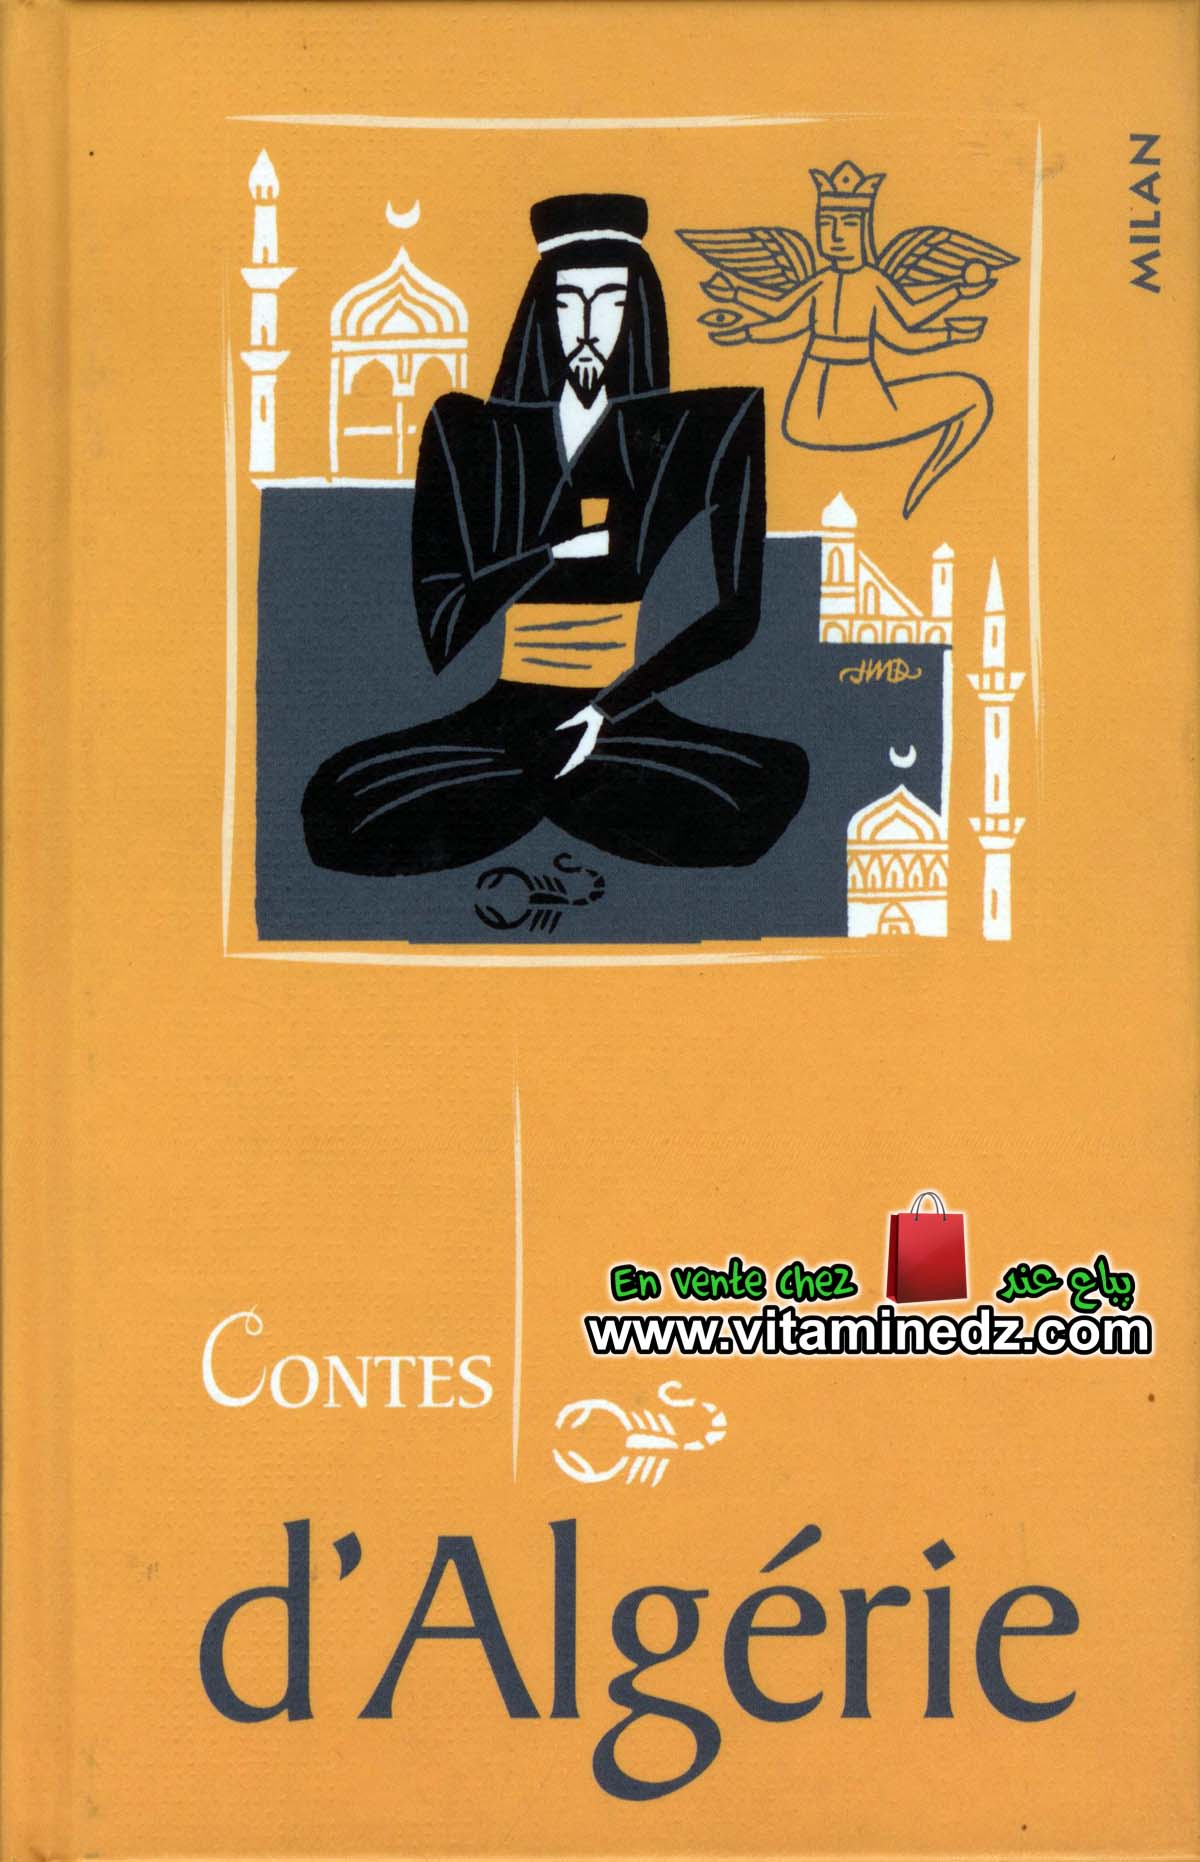 Contes d'Algérie